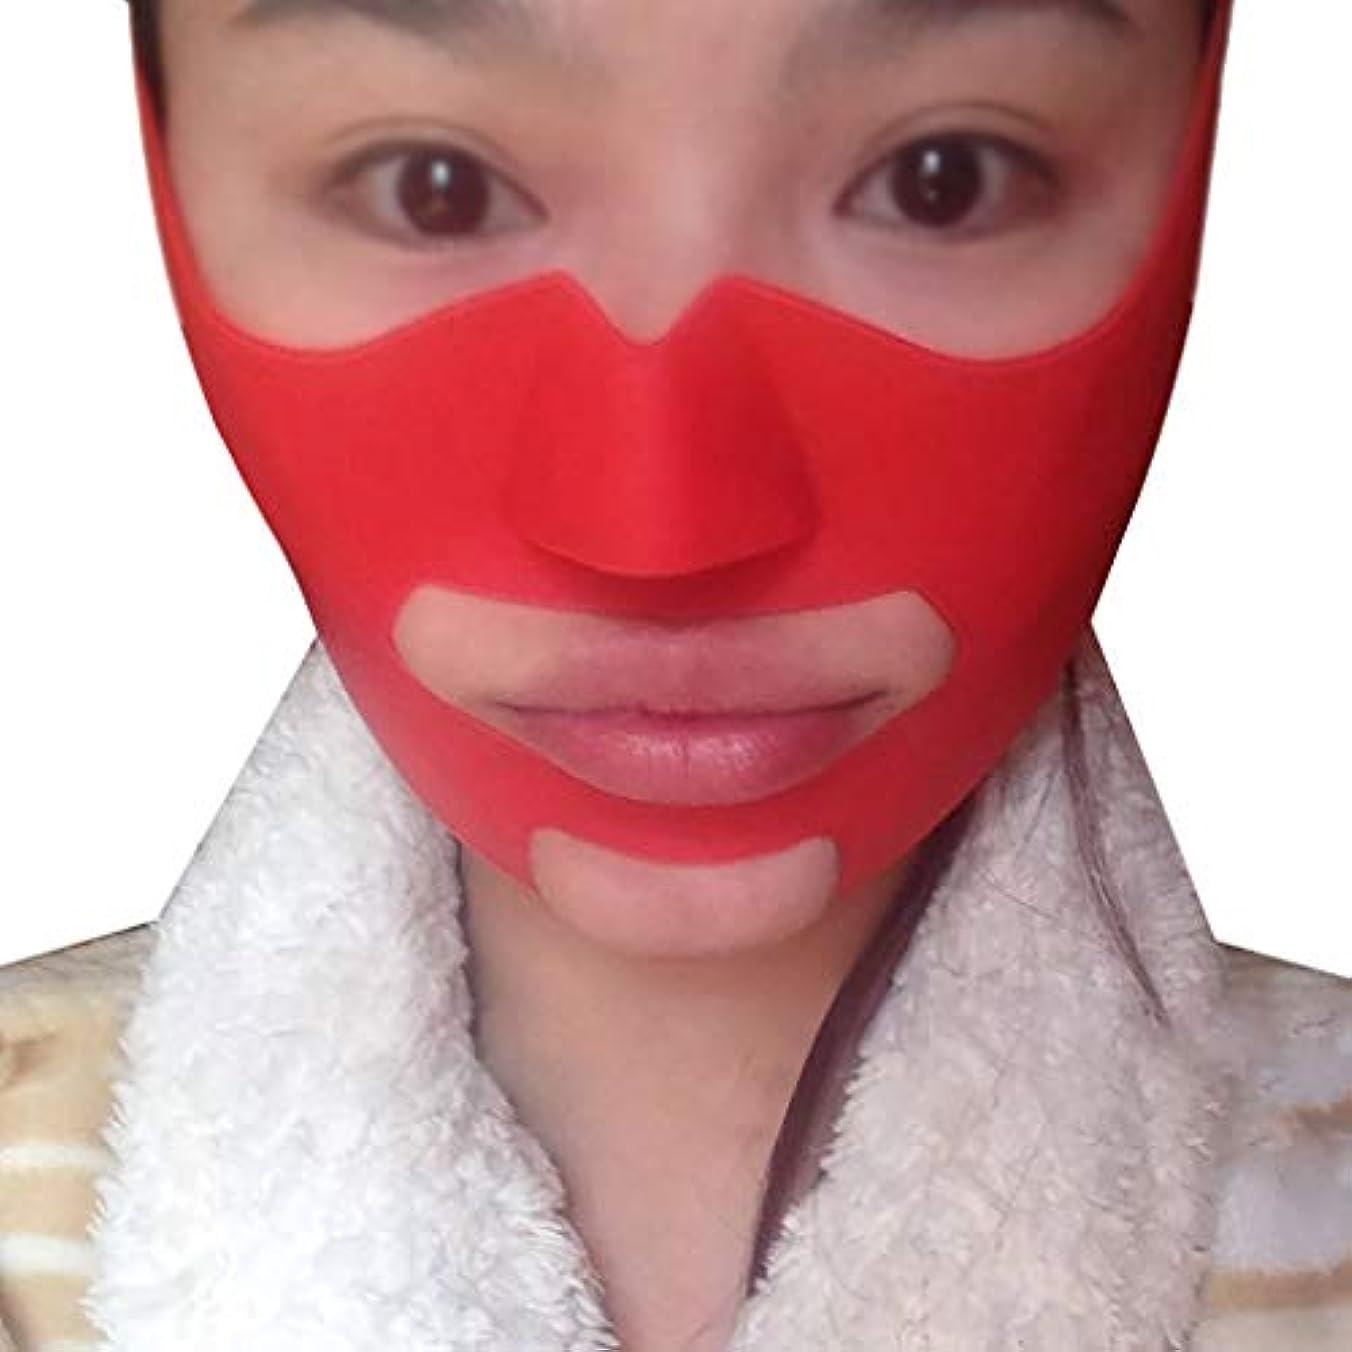 忍耐終点前売GLJJQMY 薄いフェイスマスクシリコーンVマスクマスク強い痩身咬合筋肉トレーナーアップル筋肉法令パターンアーティファクト小さなVフェイス包帯薄いフェイスネックリフト 顔用整形マスク